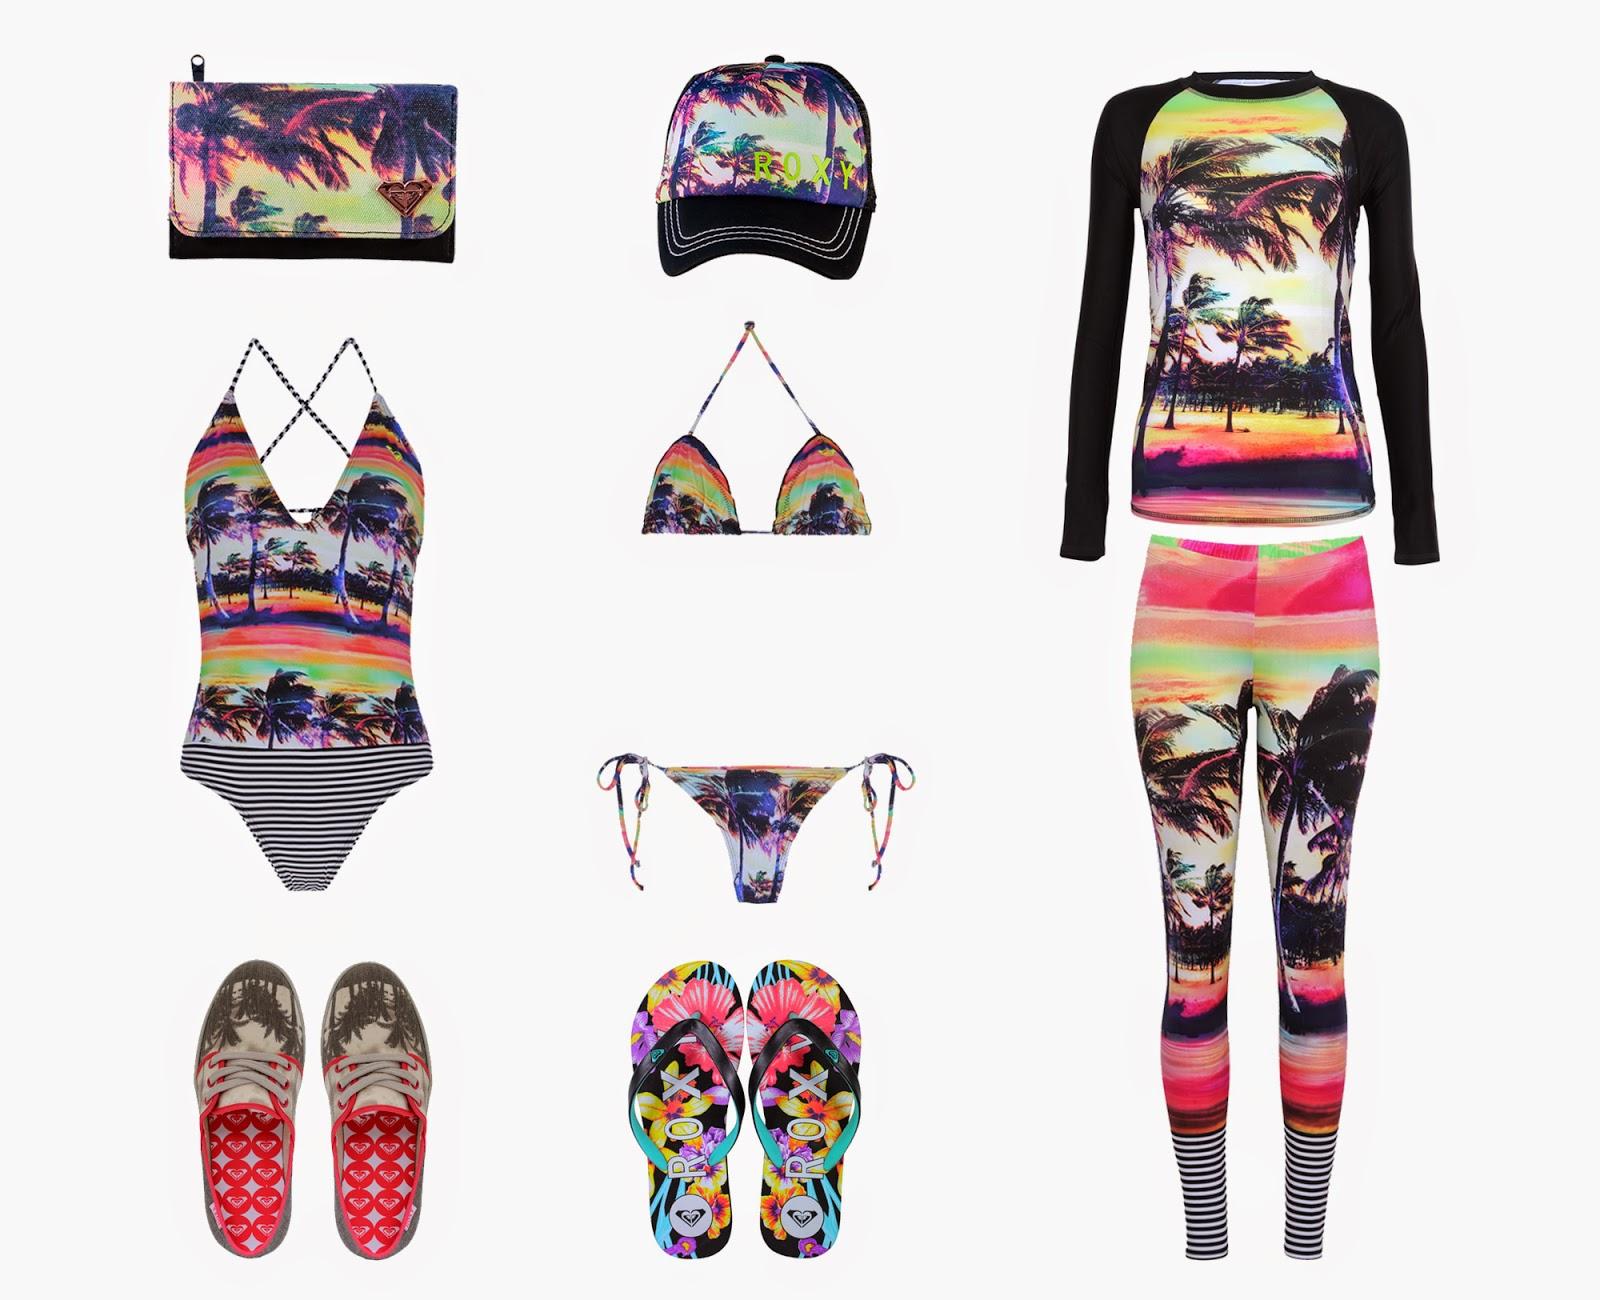 d8abfefea61e4 São roupas, biquínis, óculos de sol, calçados, mochilas, carteiras e  capinha para iphone.